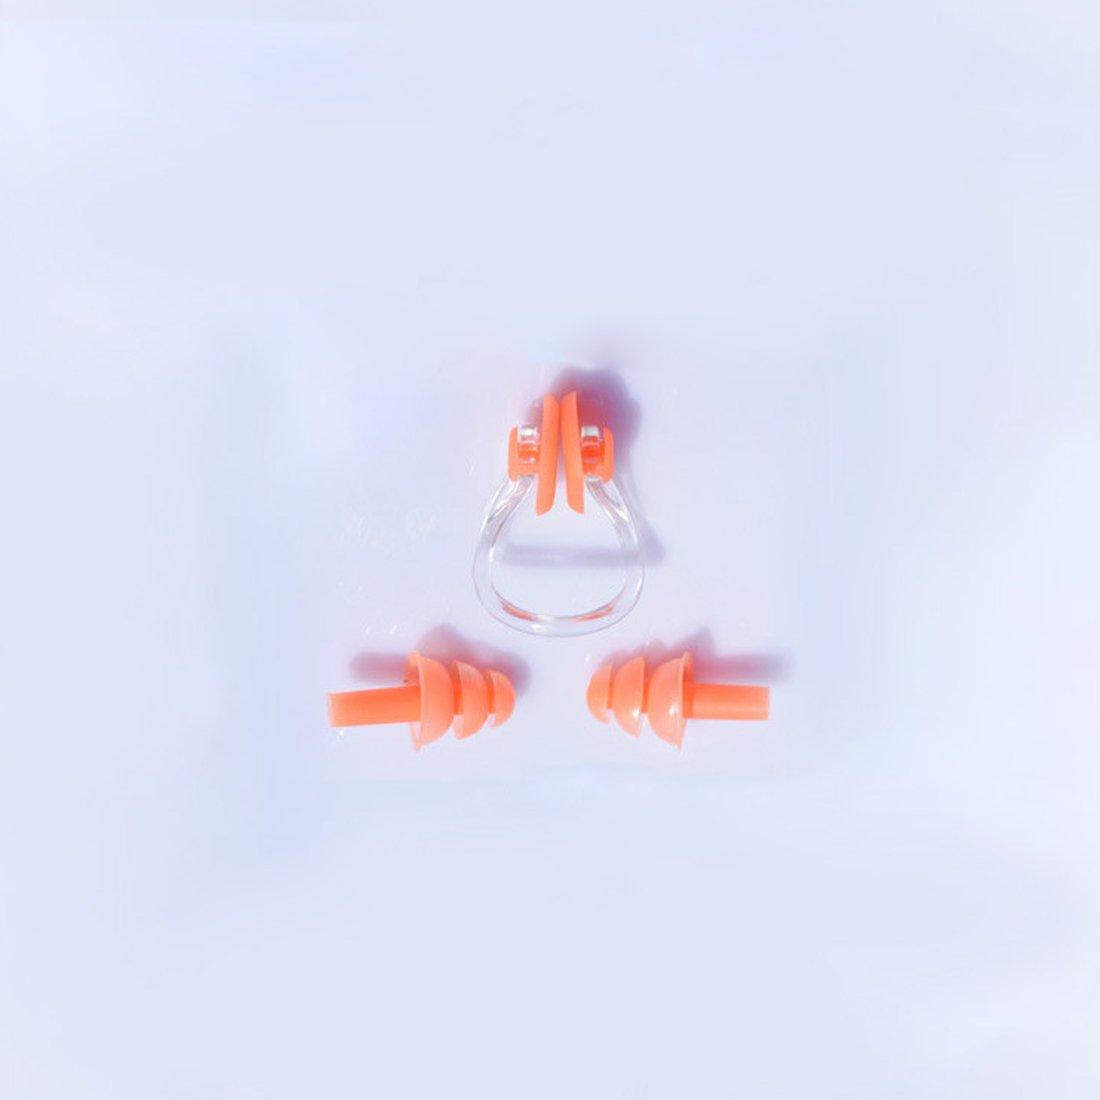 NoyoKere Clip de nariz para nataci/ón y hongos tapones para los o/ídos suave de silicona a prueba de agua proteger cavidad nasal protector de nariz de ojos deportes de agua conjunto de herramientas